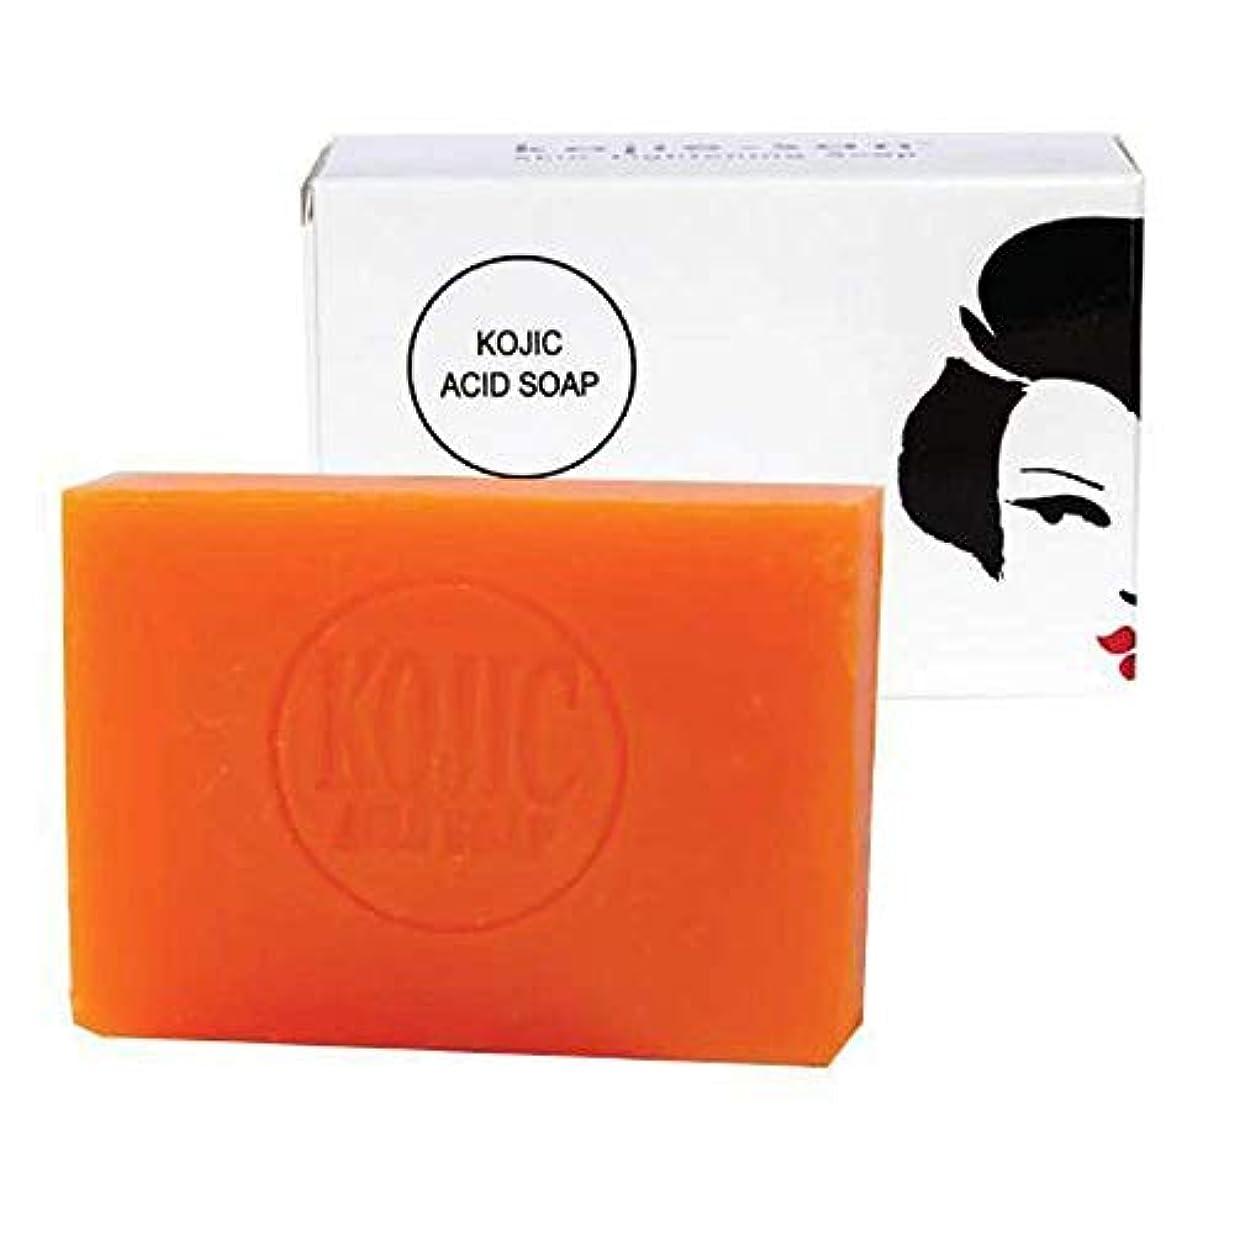 ネスト全国マングルKojie San Skin Lightening Kojic Acid Soap 2 Bars - 65G Fades Age Spots, Freckles, And Other Signs Of Sun Damage...